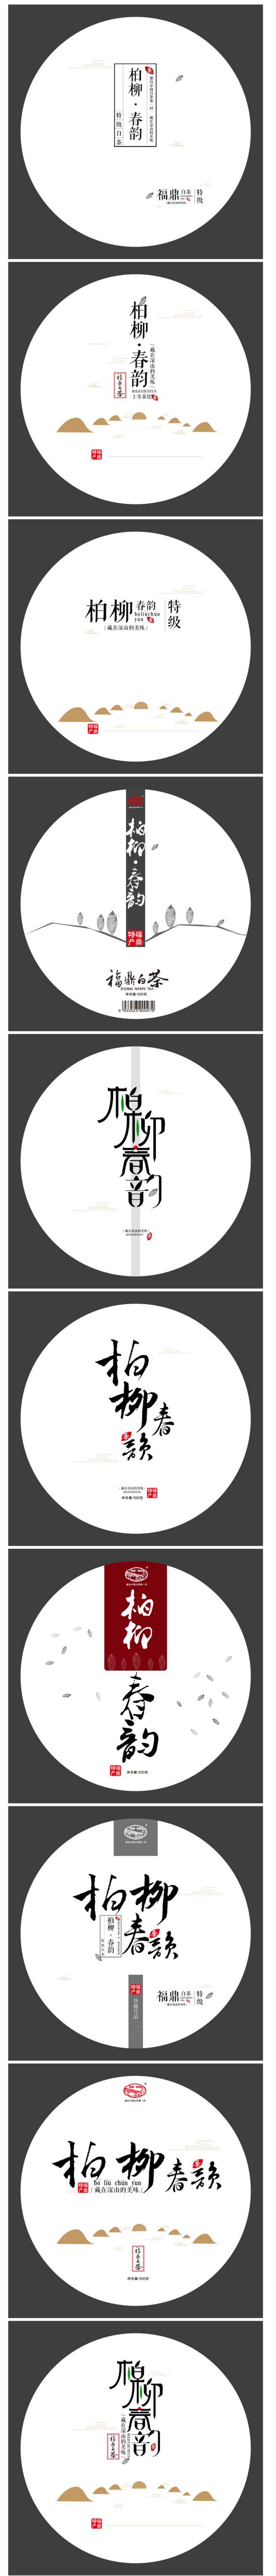 茶饼包装字体设计 by 德力 - UE设...